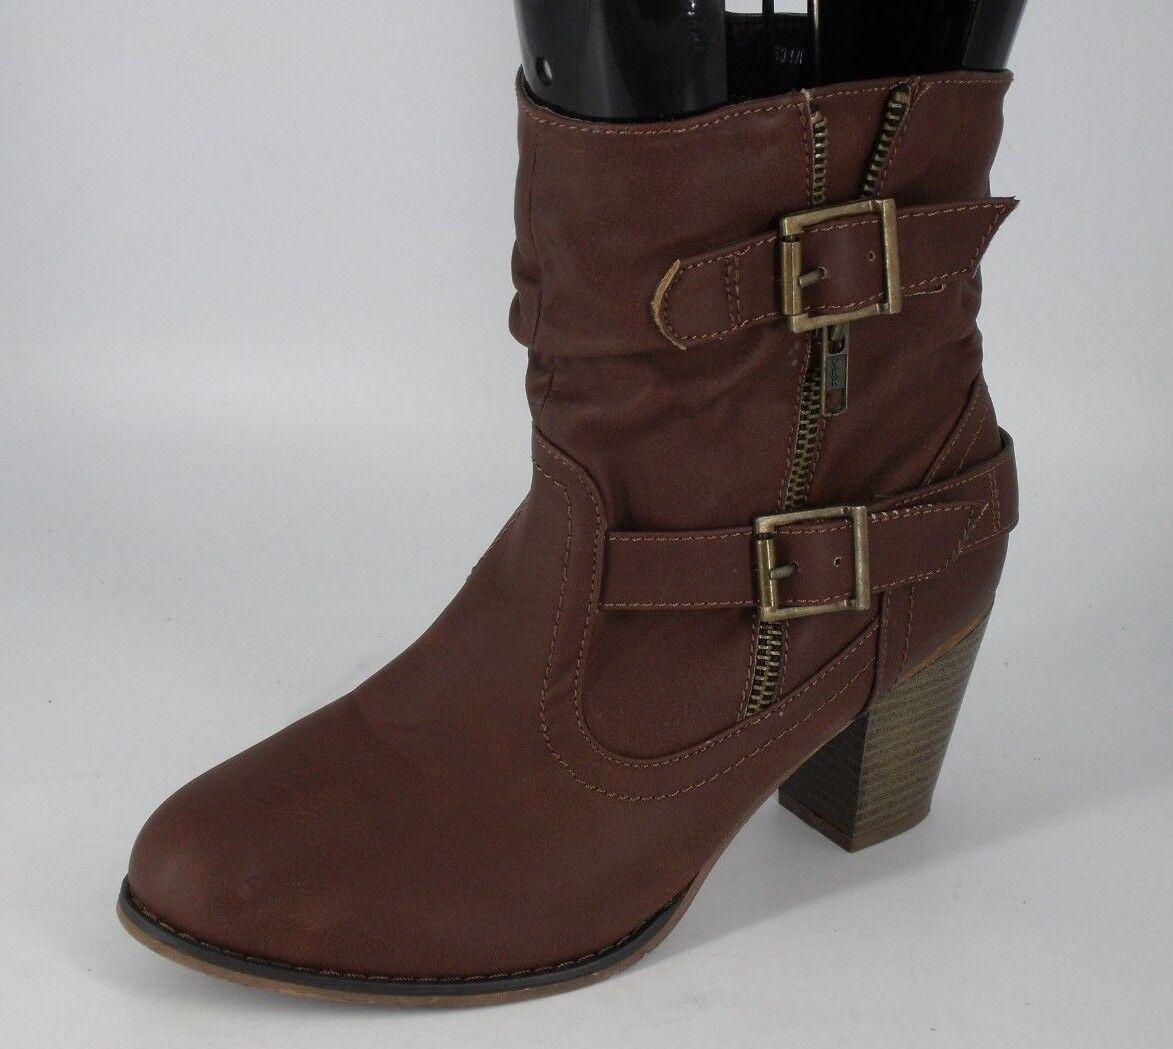 Barratt's Zip Up Ankle Boot's Brown Size NH091 ii 05